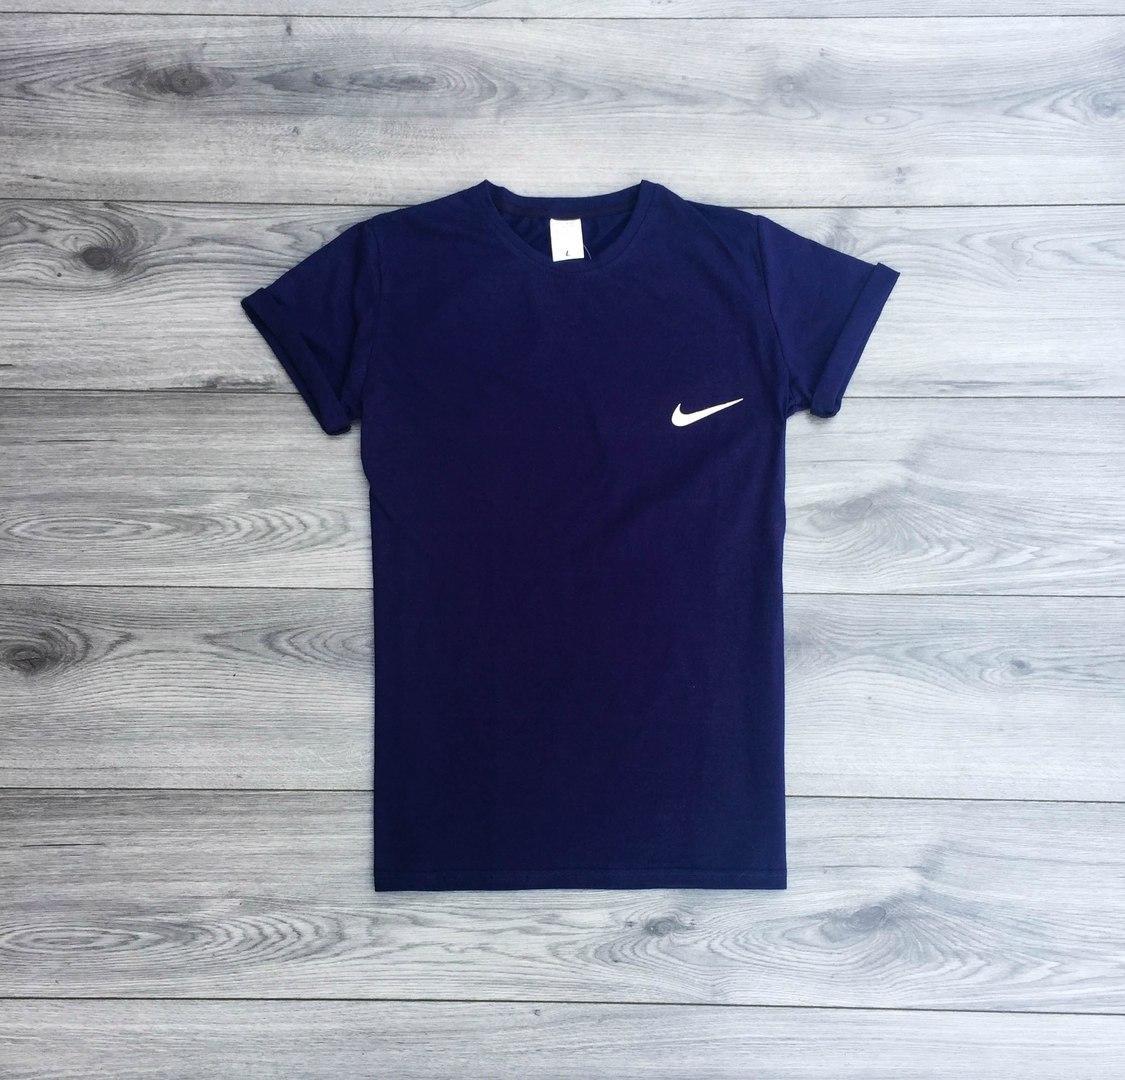 Футболка мужская Nike летняя, класика (синяя), ТОП-реплика